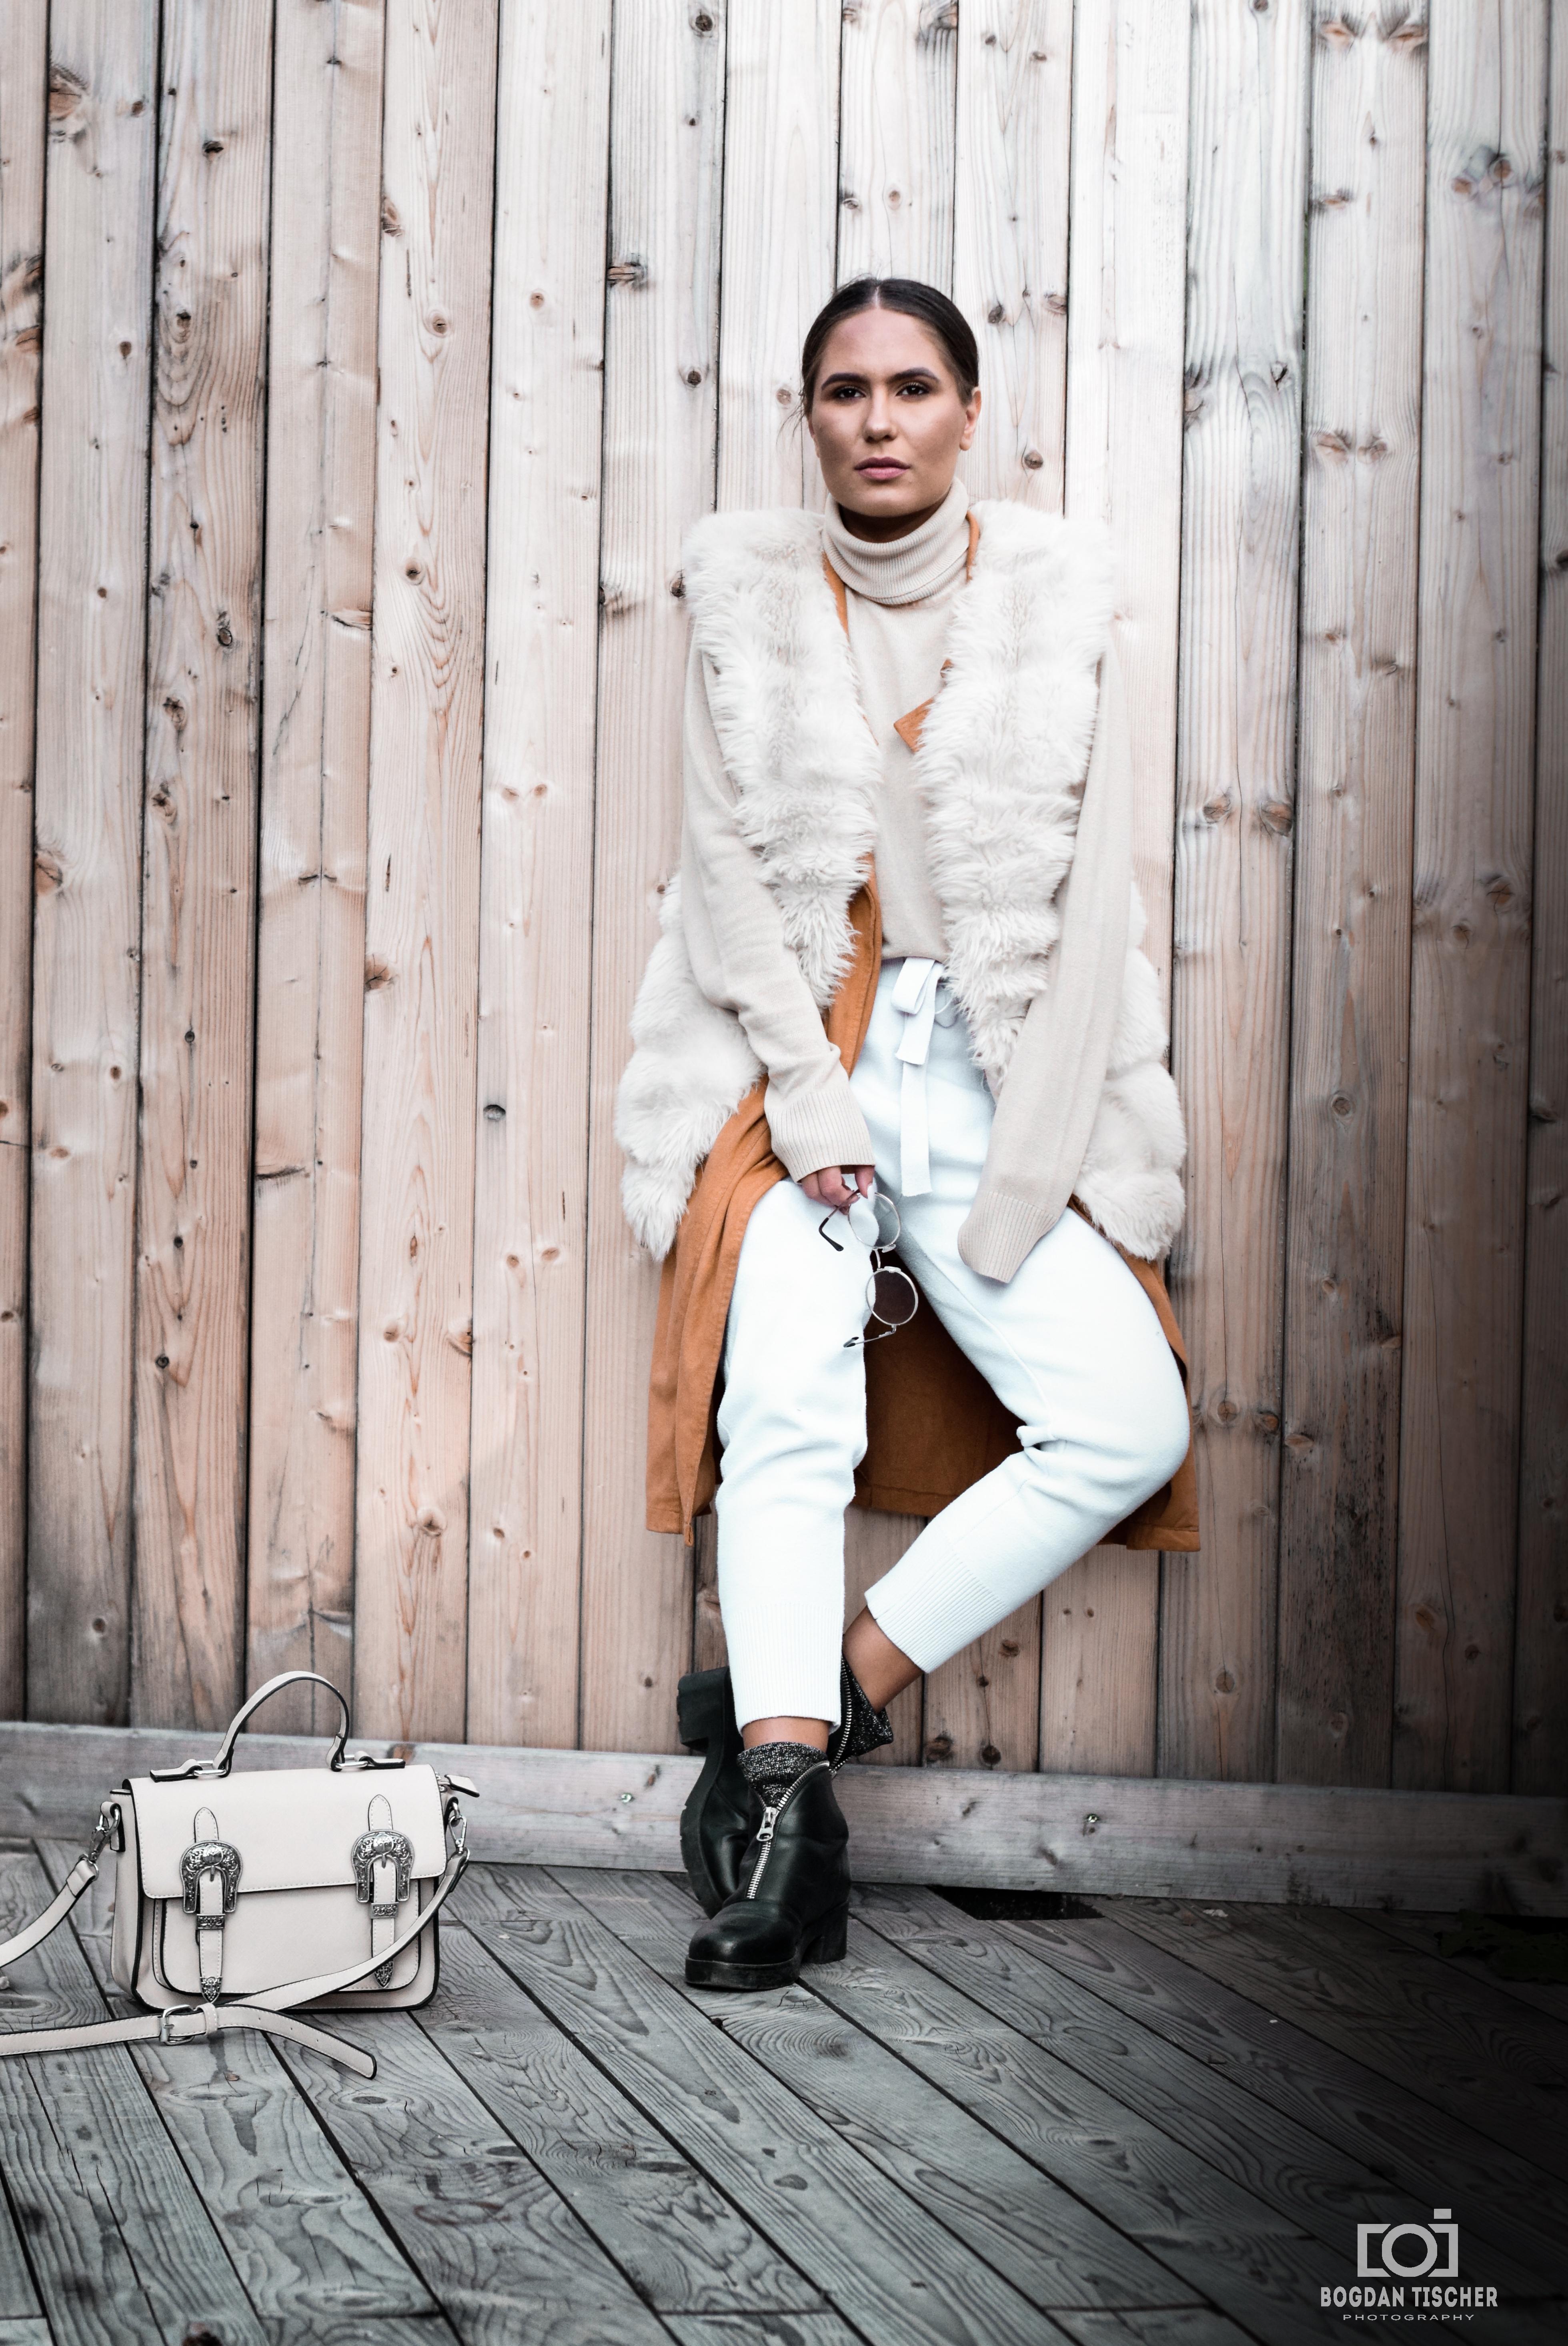 ファッション モデル 秋 自然性 美しさ 反射 写真 ポートレート 白 写真 座っている